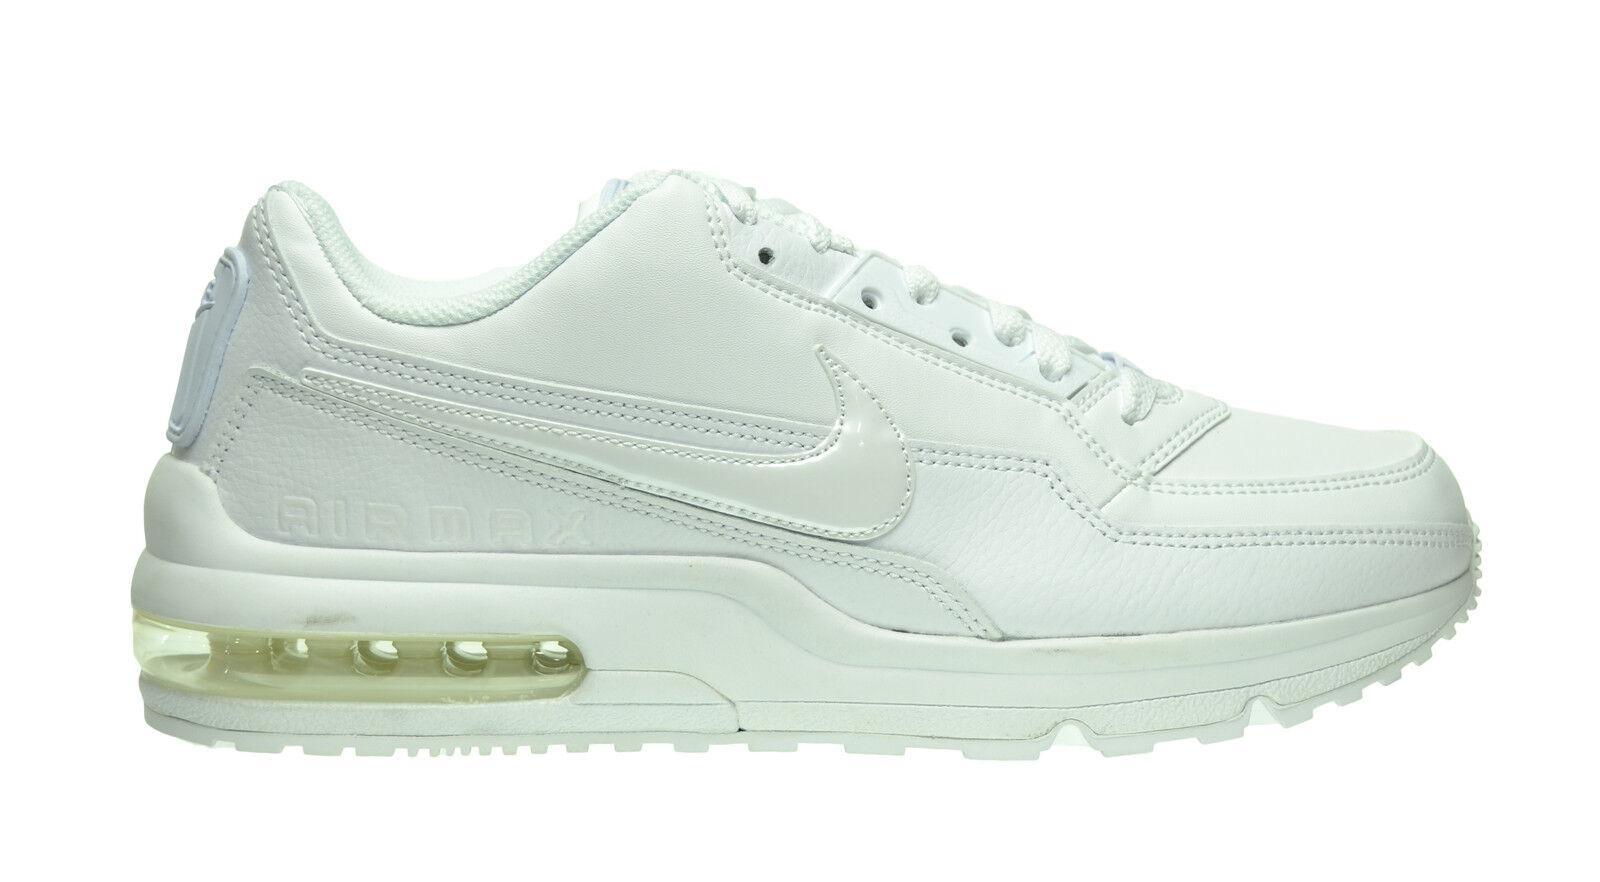 9243129515734 Nike Air Max Ltd Mens White Navy Silver